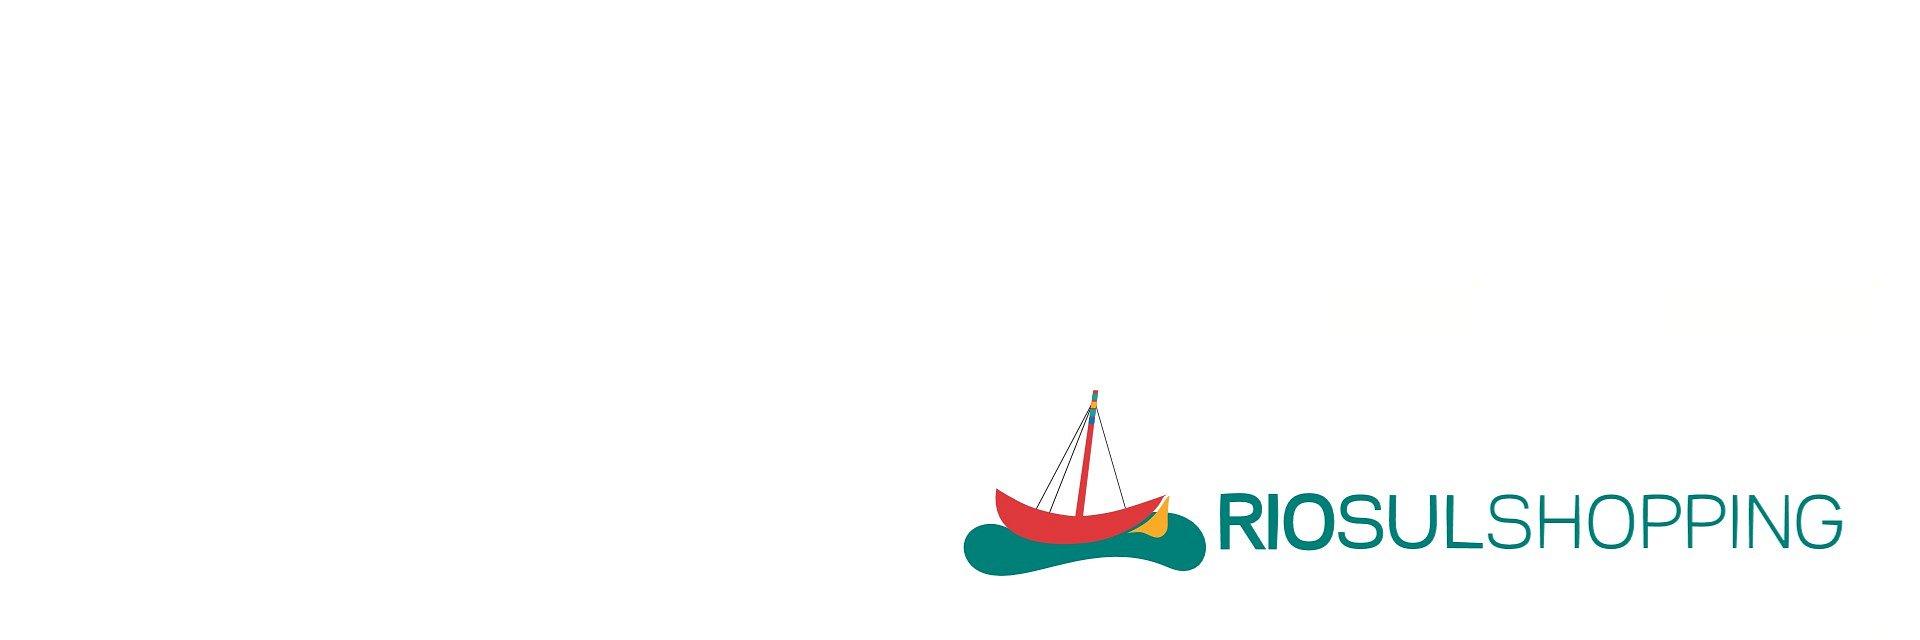 RioSul Shopping recebe demonstrações de Artes Marciais